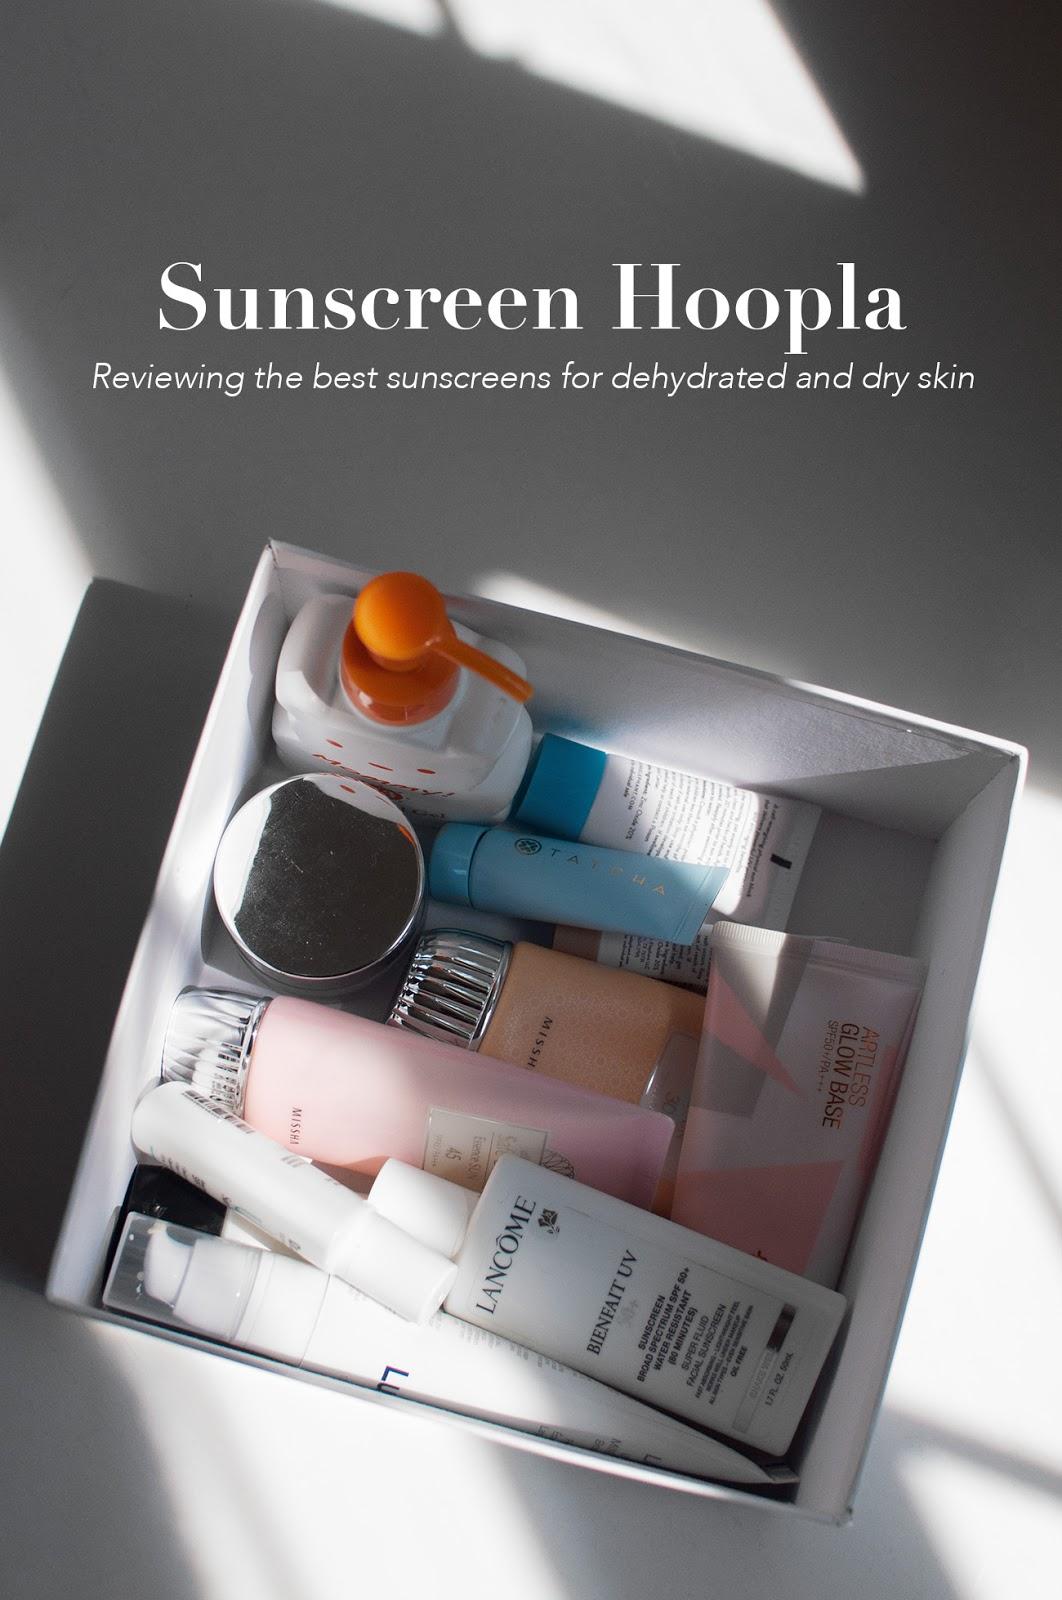 sunscreen review, best asian sunscreen, best korean sunscreen for dry skin, best sunscreens for dry skin, best sunscreens for dehydrated skin, best suncreens for dry acne prone skin, best alcohol free sunscreens,